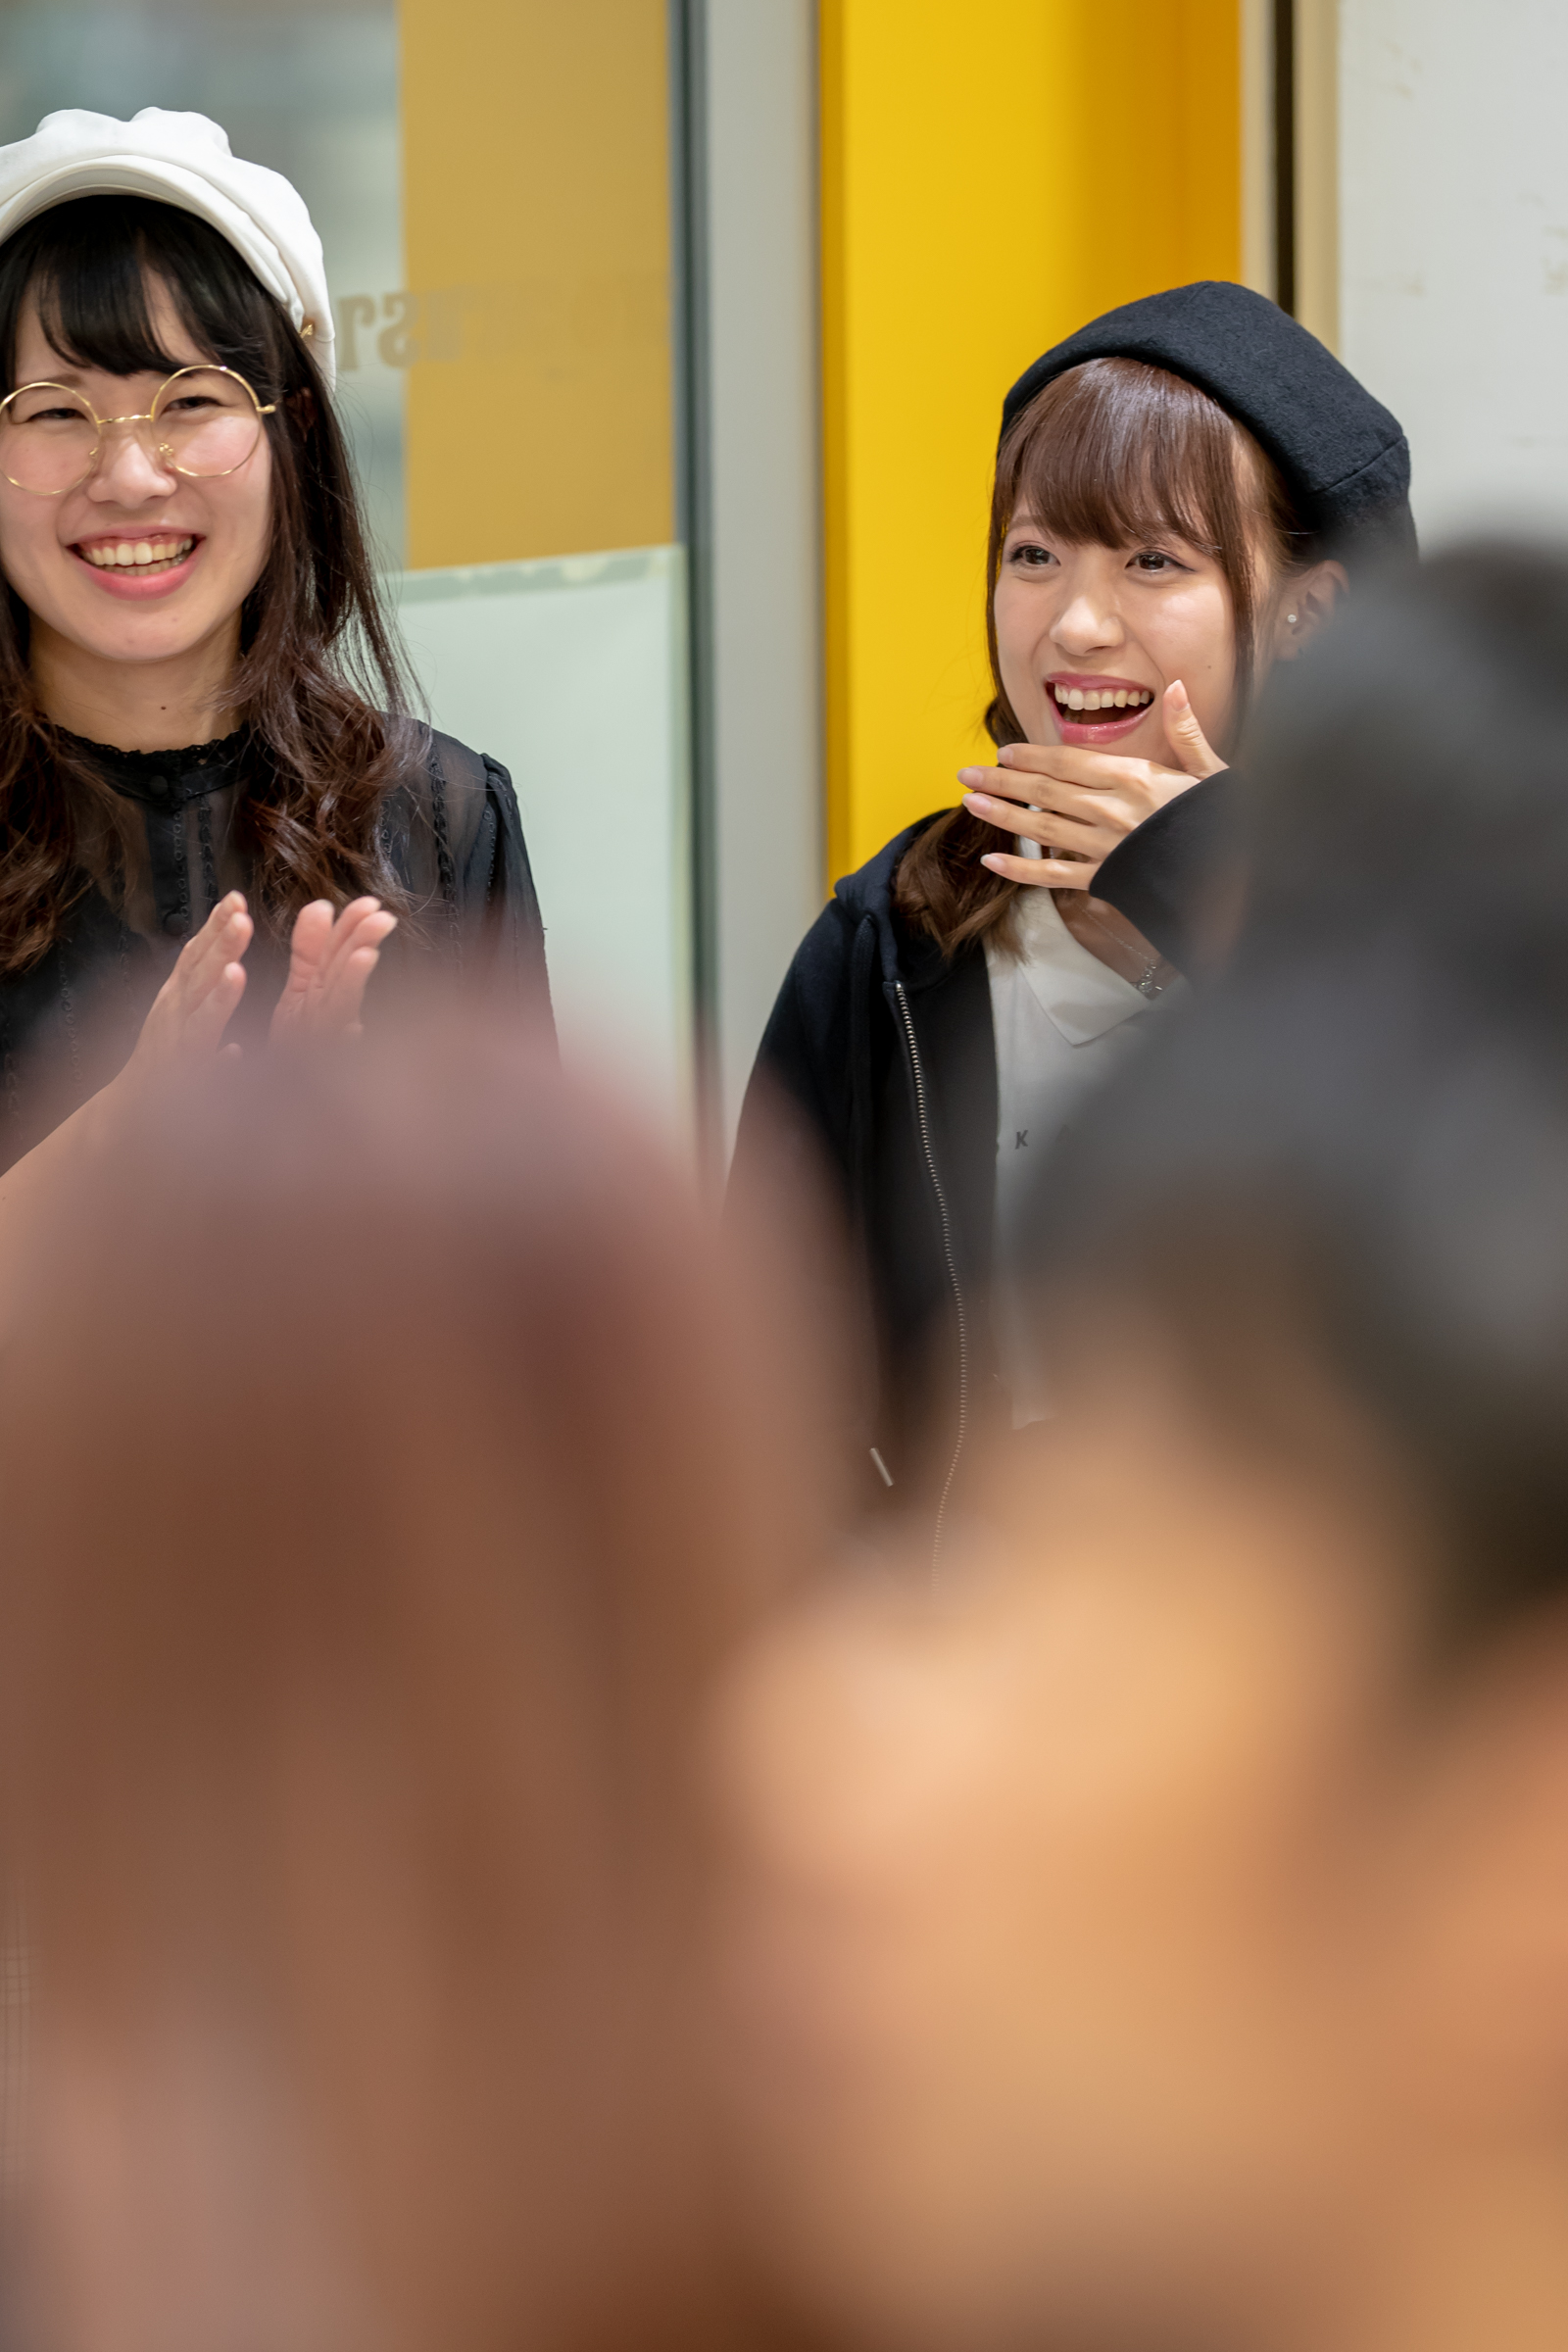 フルーティー♡ さい ( 北出彩 ) | メジャーシングル第2弾「FRONT LINER」リリースイベント